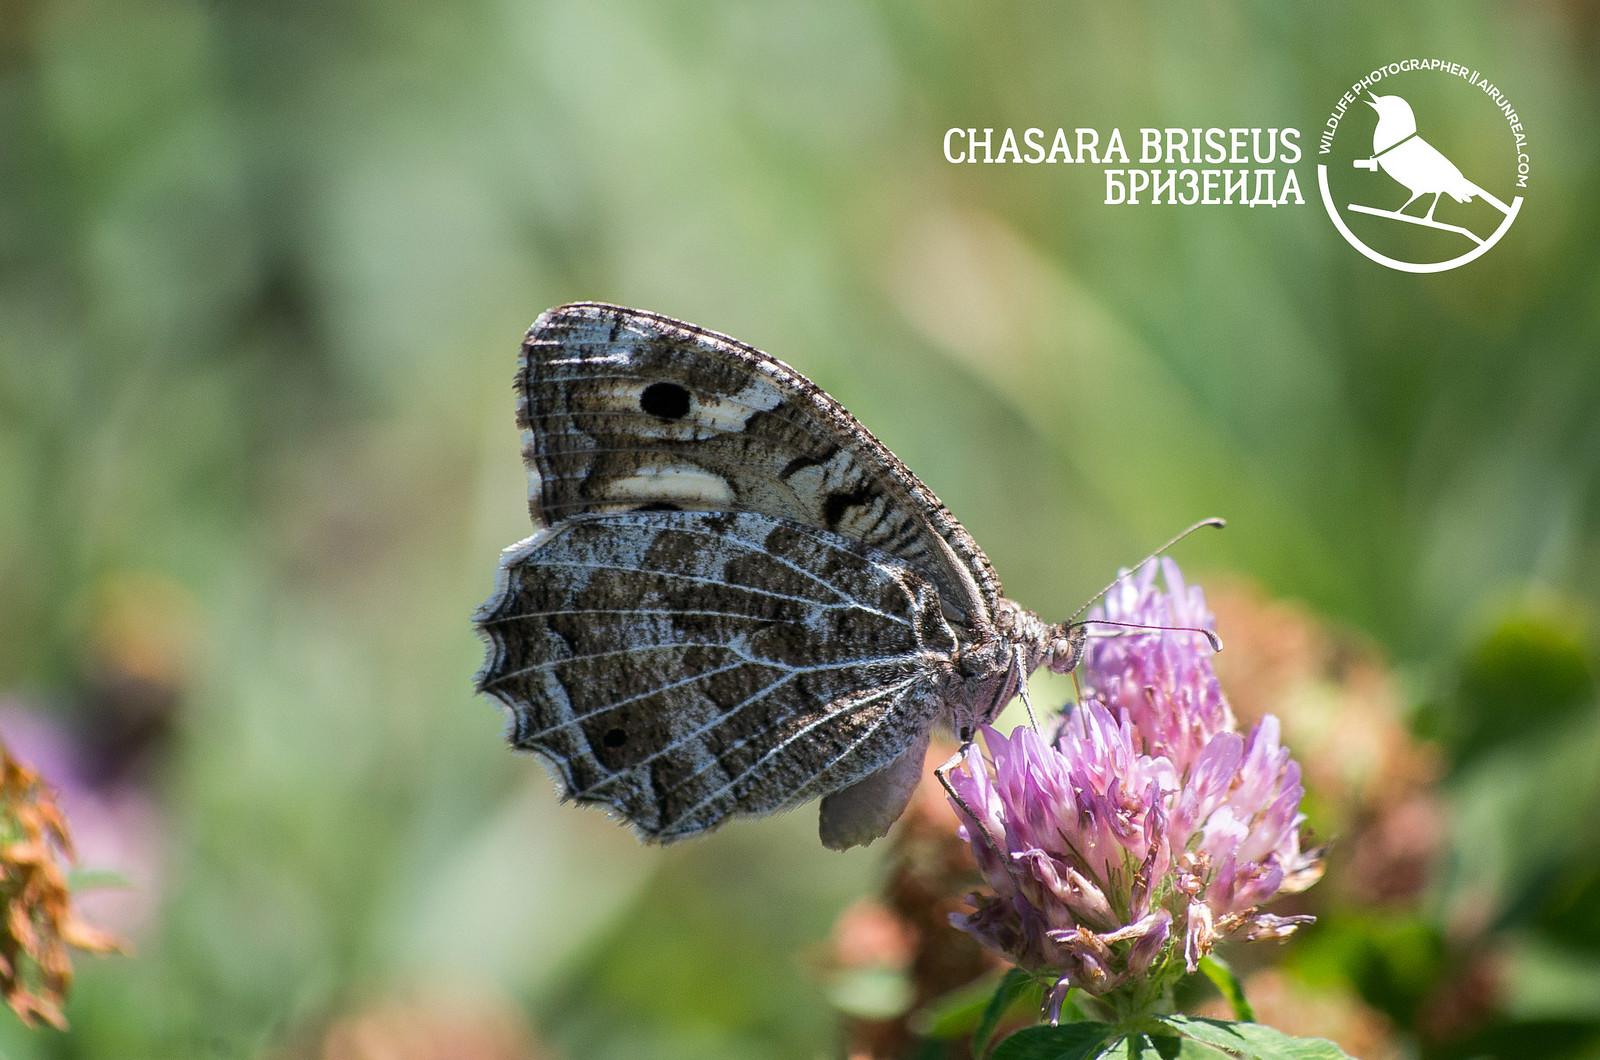 Chasara briseus // 20170524